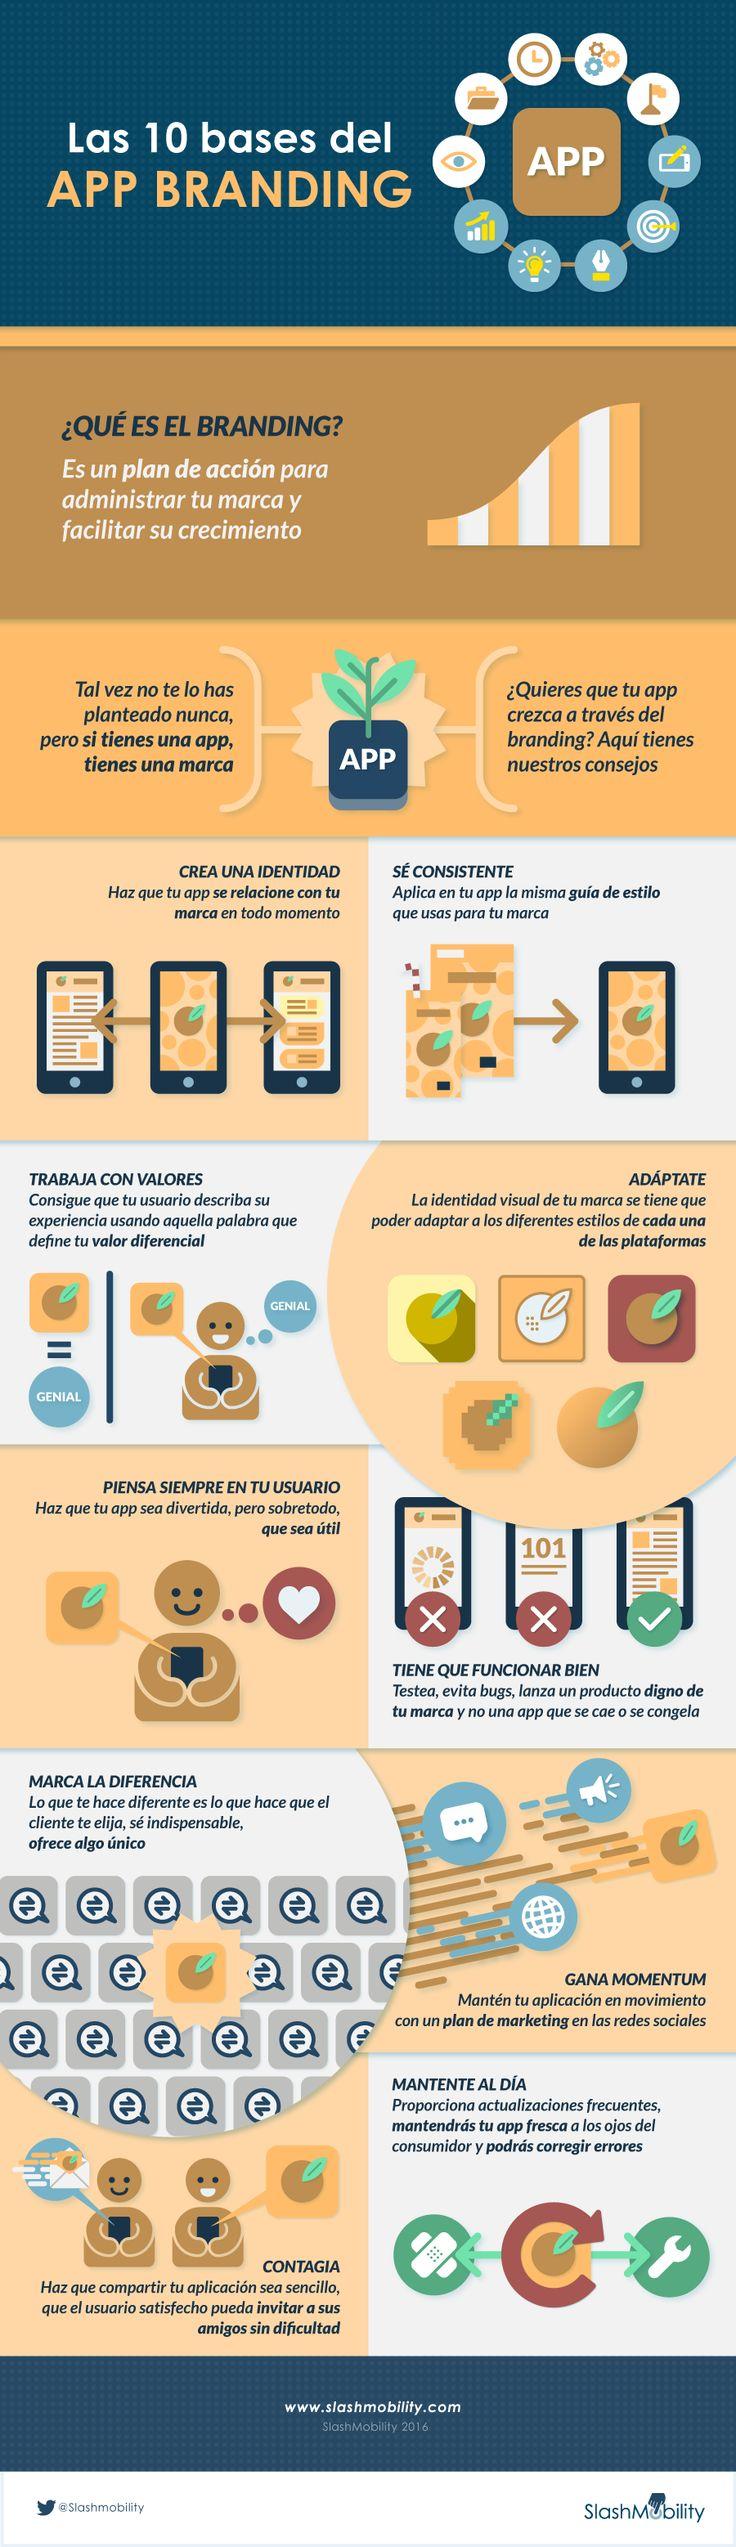 10 bases del APP branding #infografia